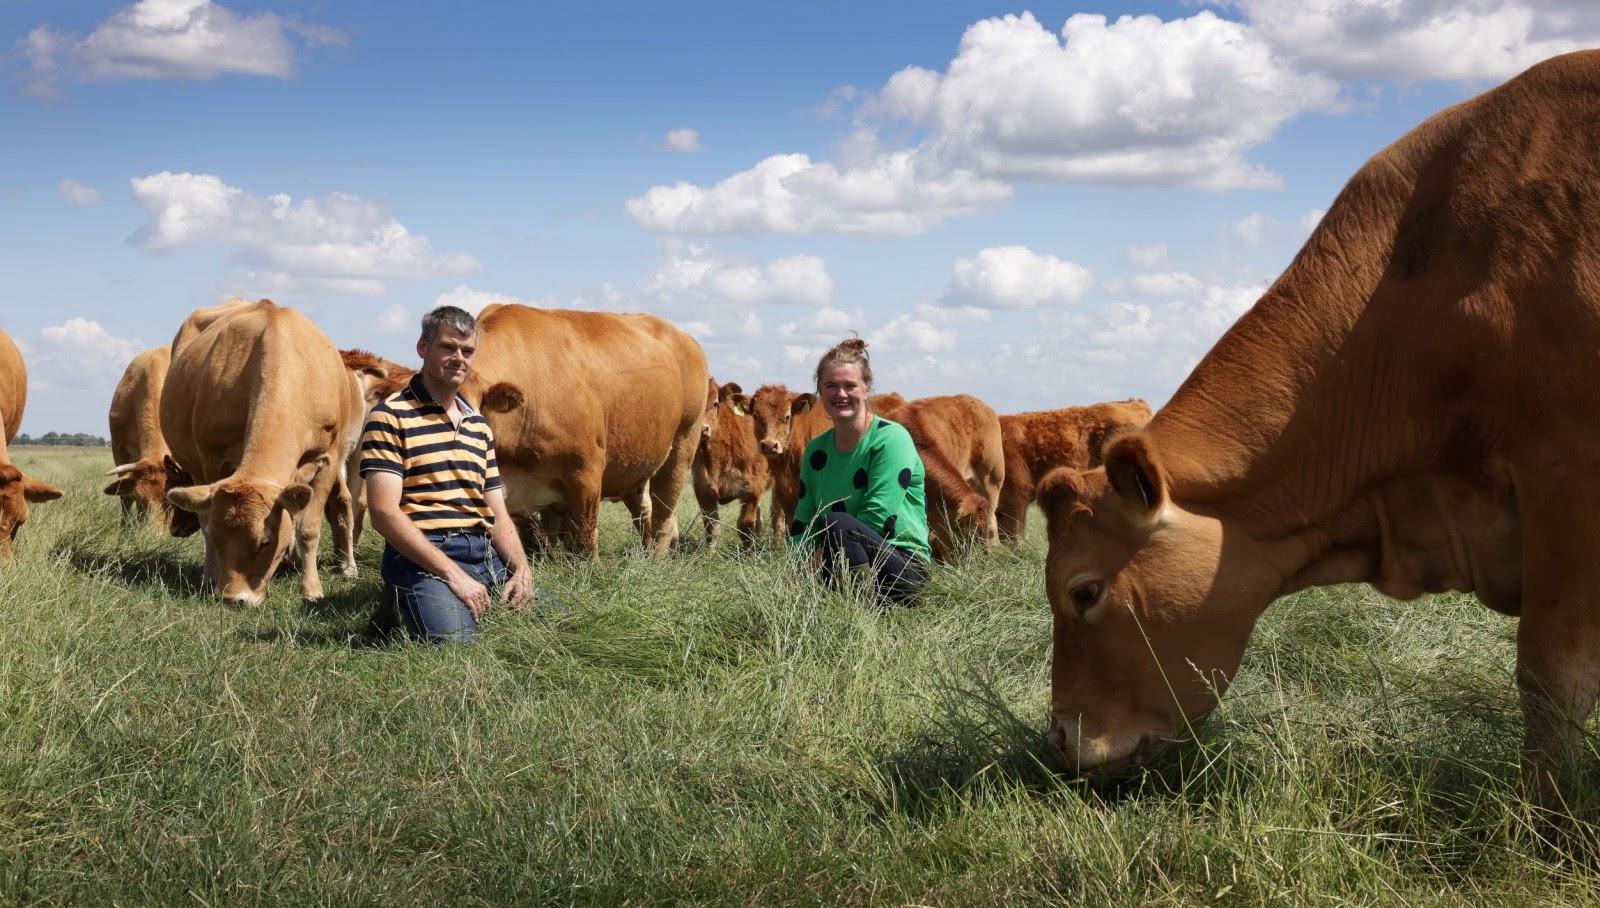 Duurzame boerderij Hoeve Kazan pioniert met natuur inclusieve landbouw en crowdfundt bijna twee ton voor nieuwe stal